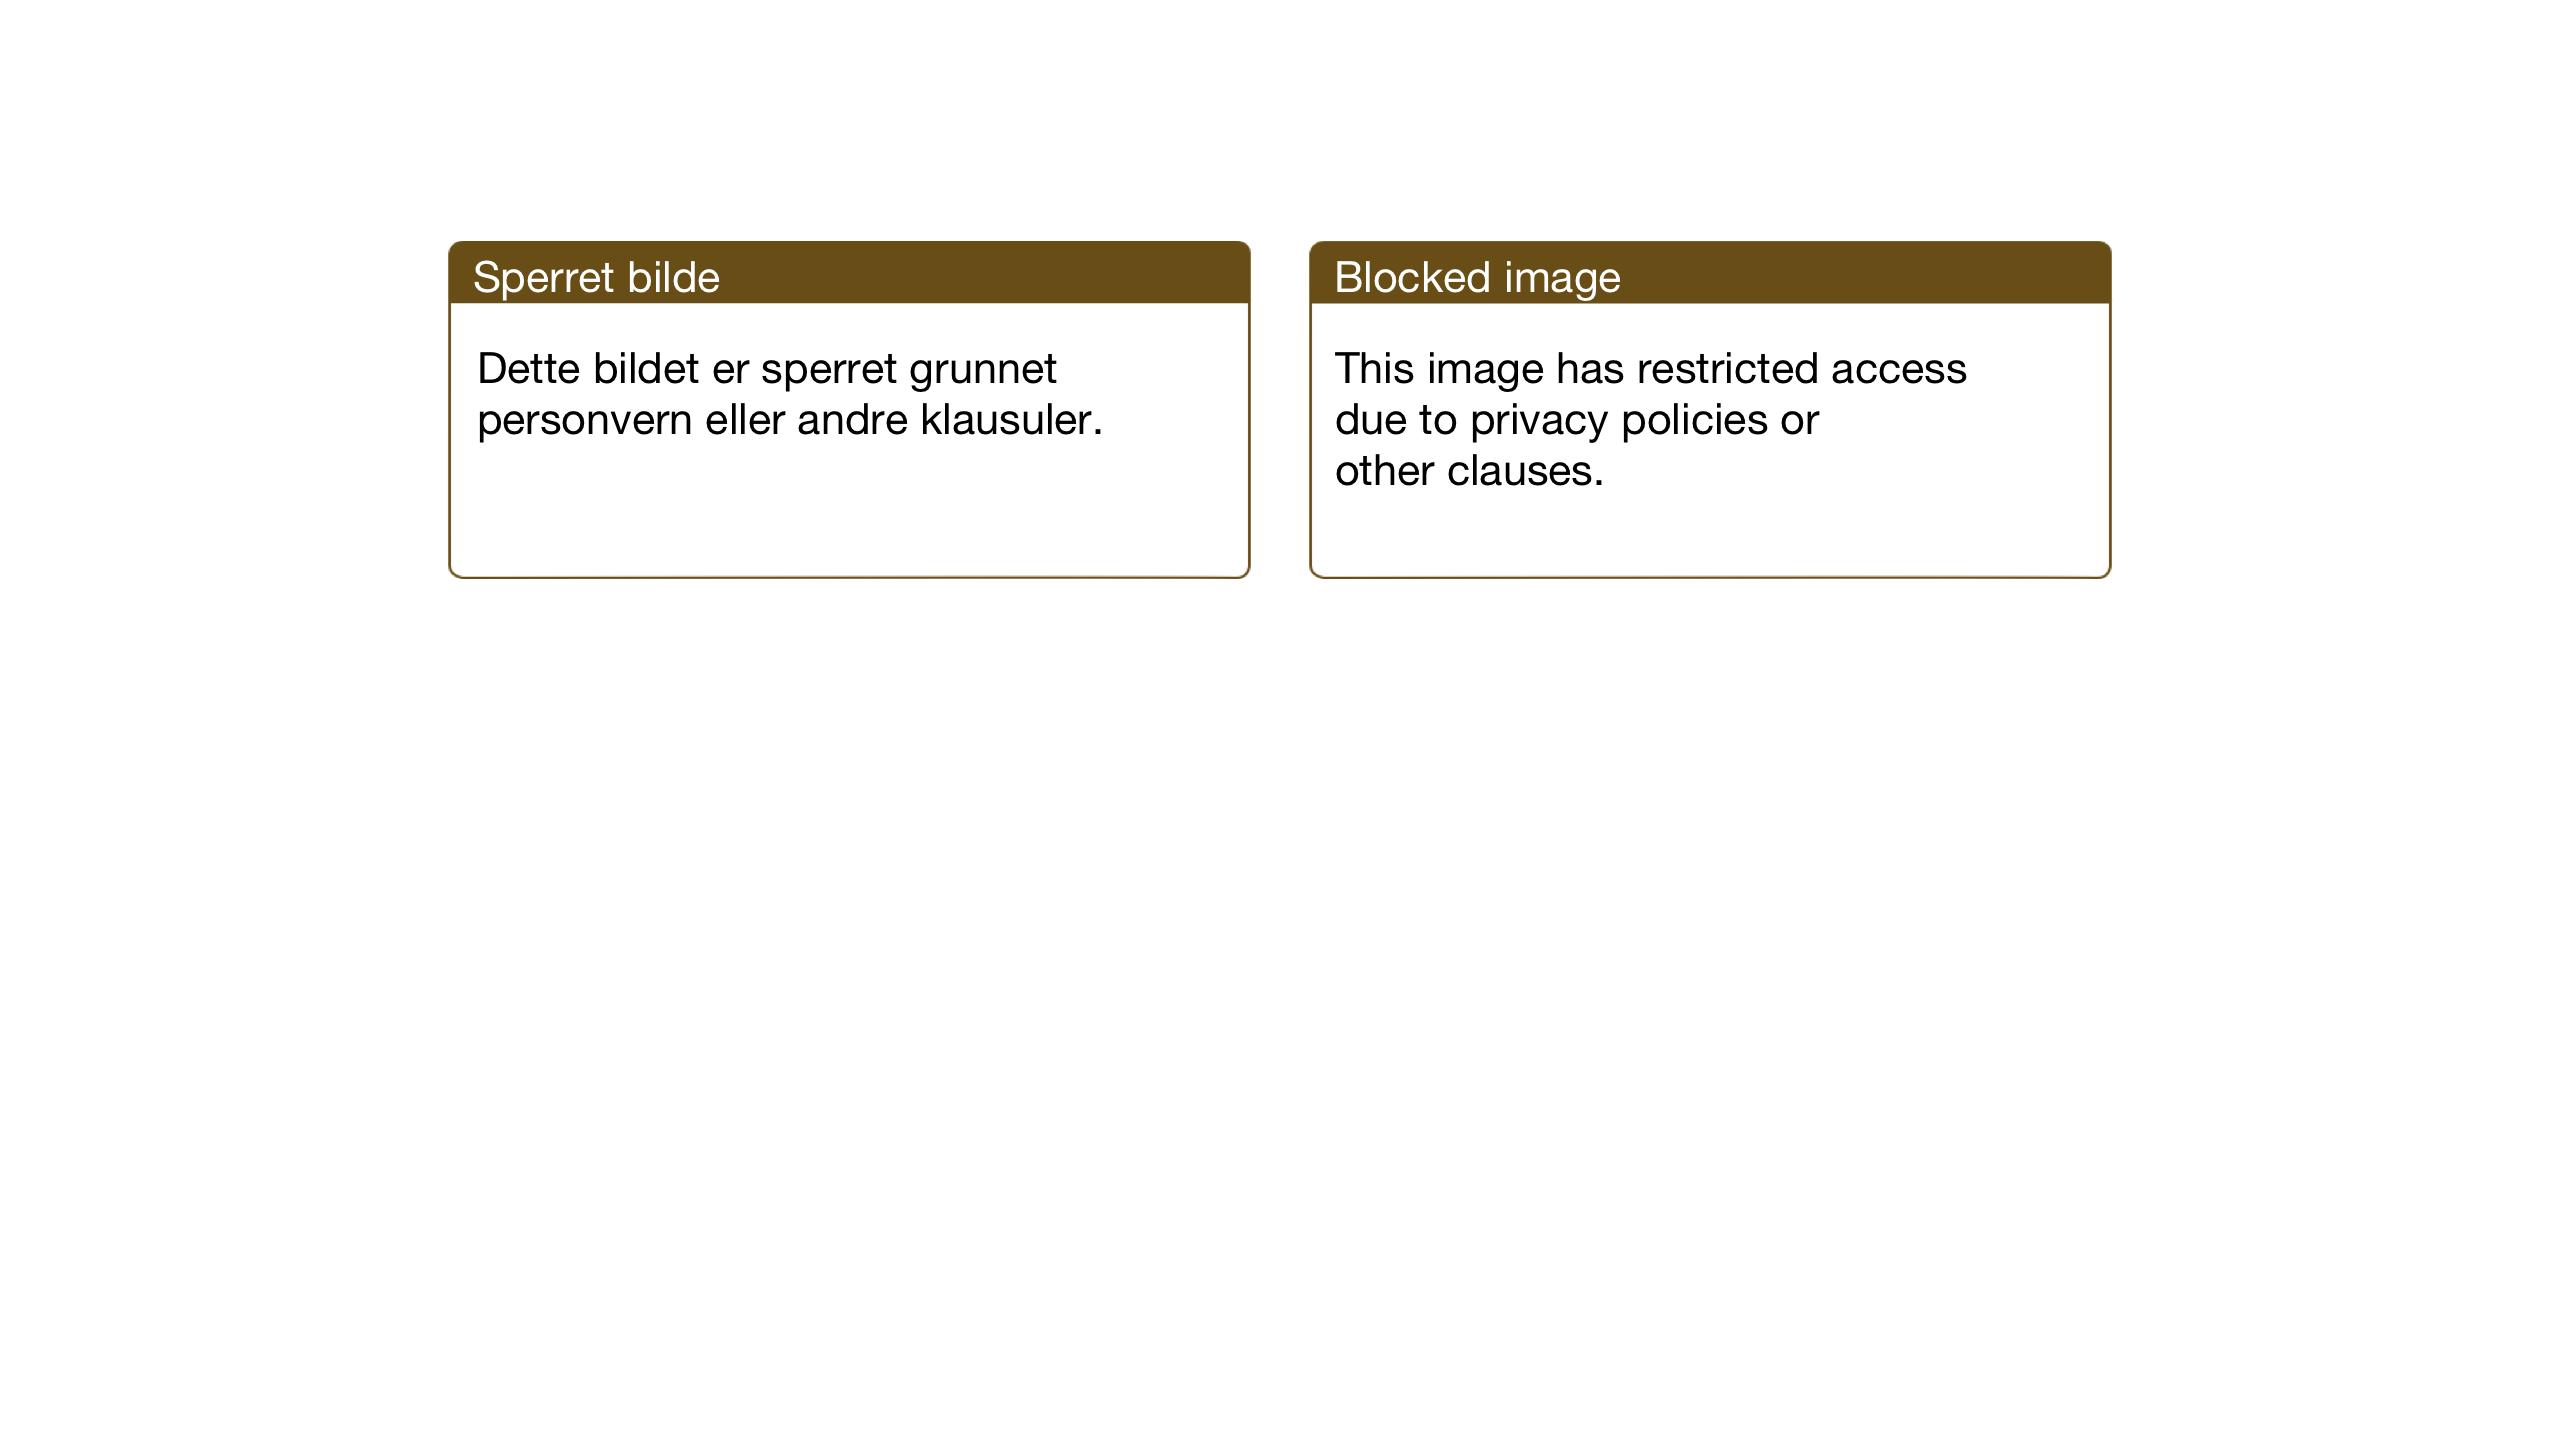 SAT, Ministerialprotokoller, klokkerbøker og fødselsregistre - Sør-Trøndelag, 651/L0648: Klokkerbok nr. 651C02, 1915-1945, s. 158